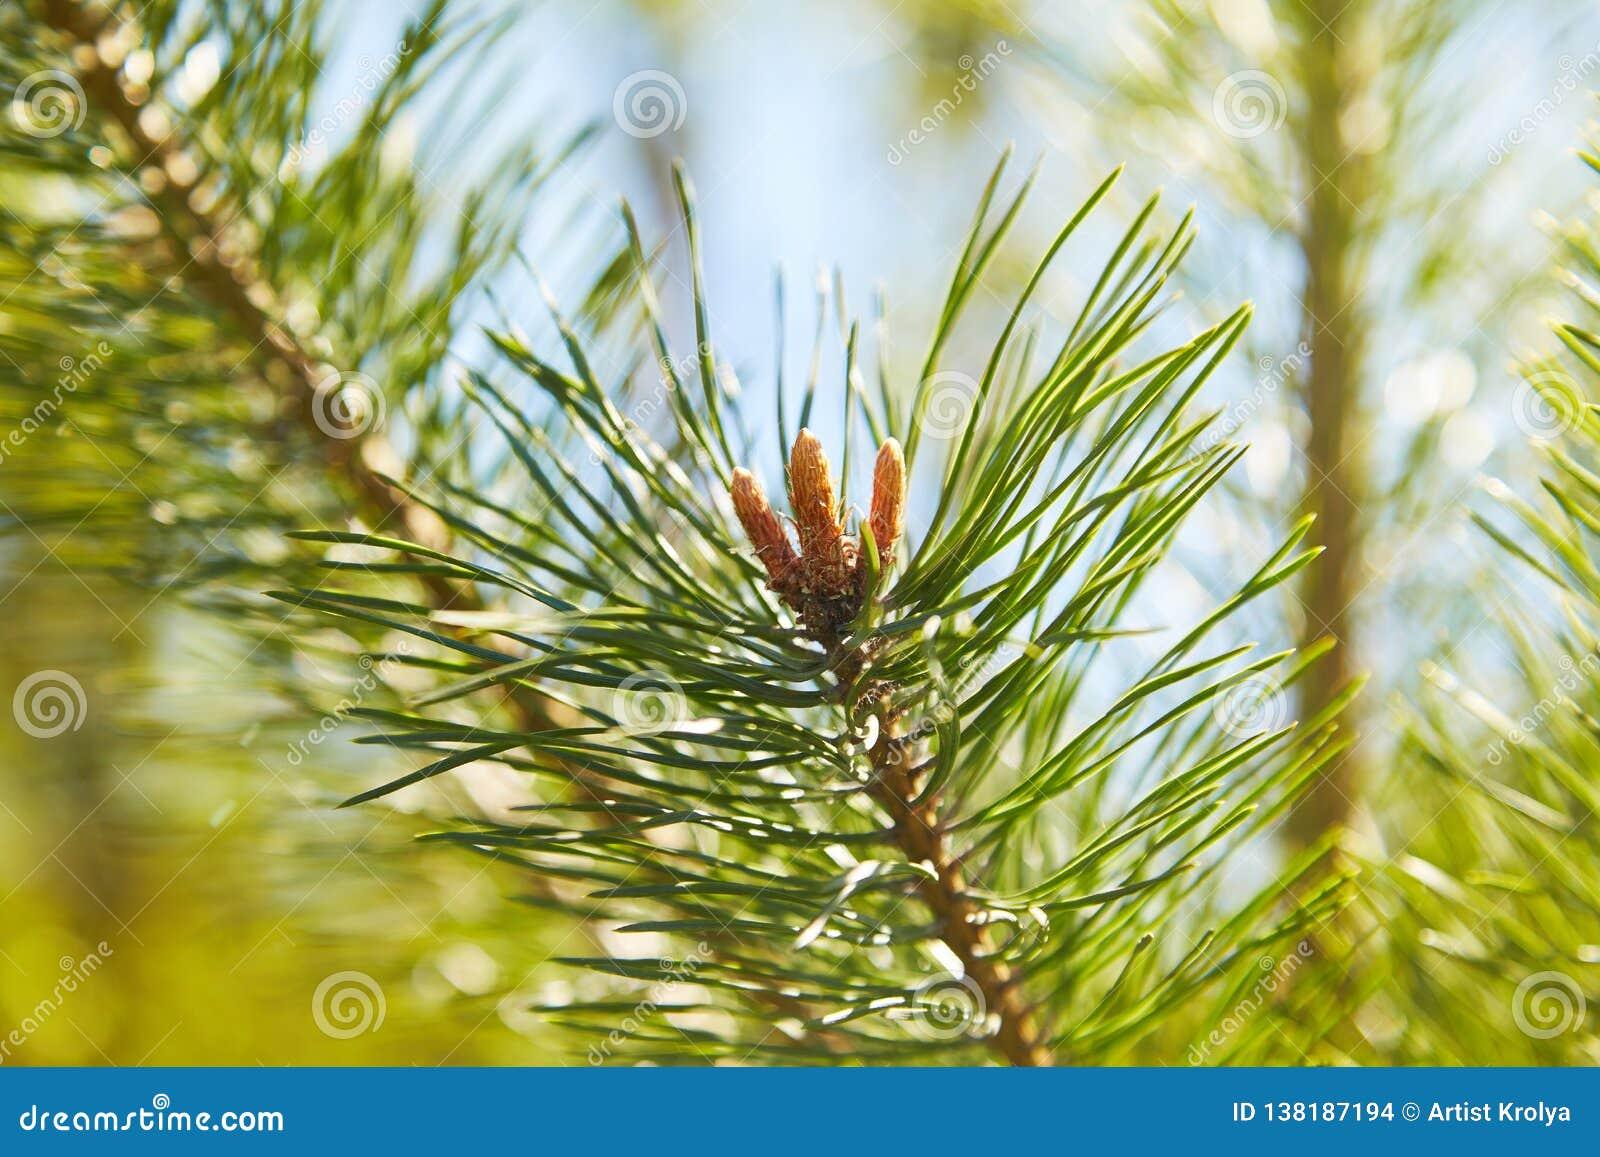 Grüne Kiefernniederlassung mit Nadeln und jungen Kegeln